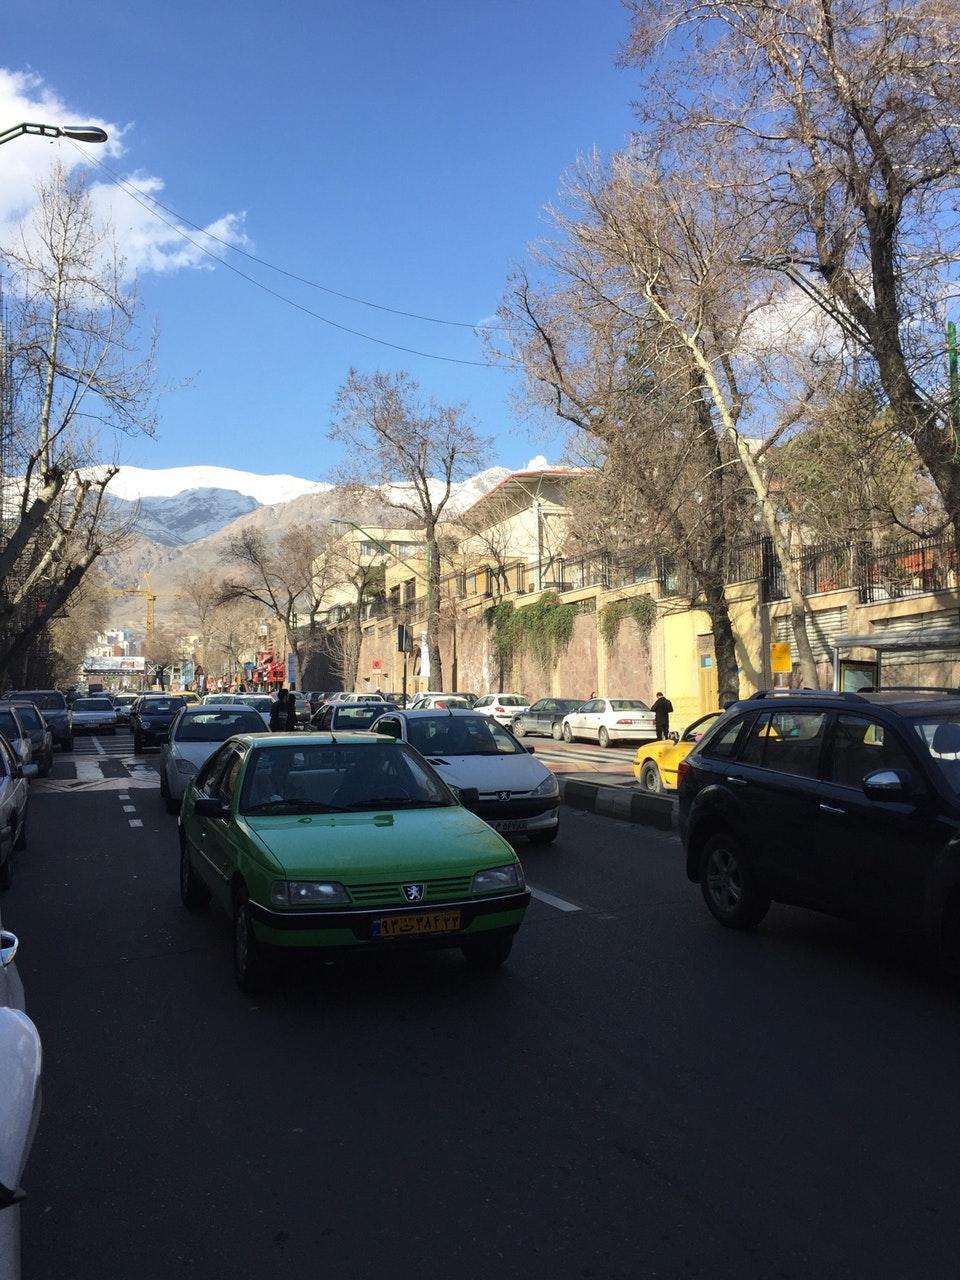 خیابان شریعتی یا خیابان کورش کبیر، کجاست؟